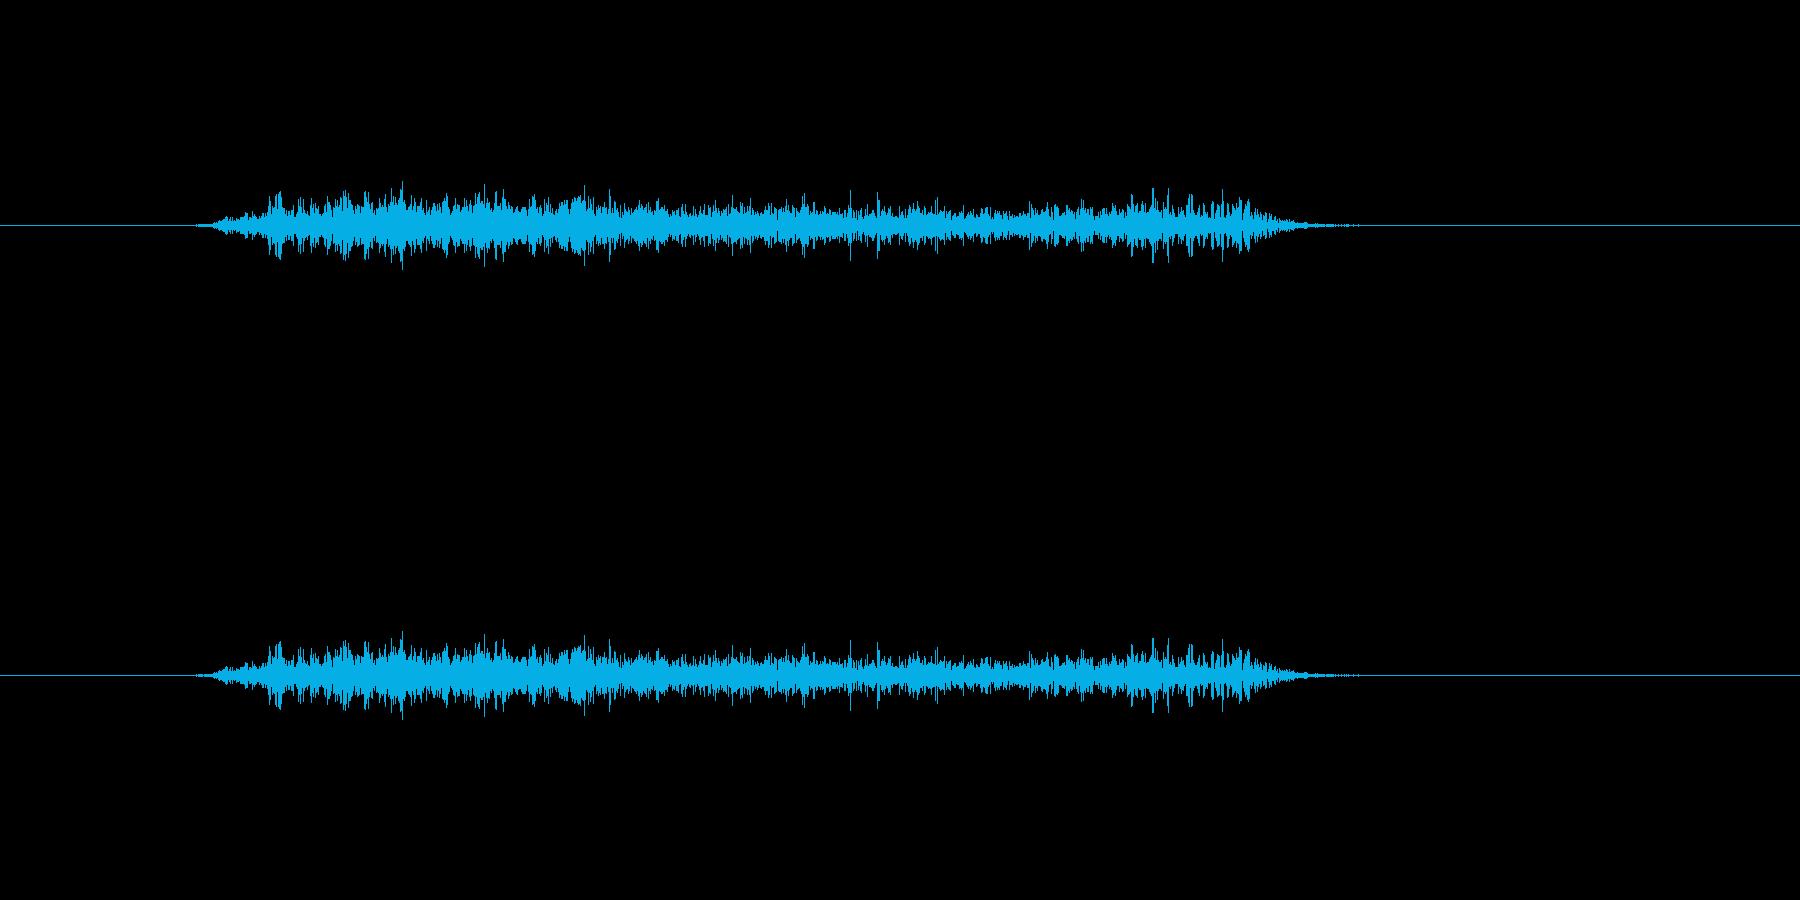 【ボールペン01-06(丸)】の再生済みの波形